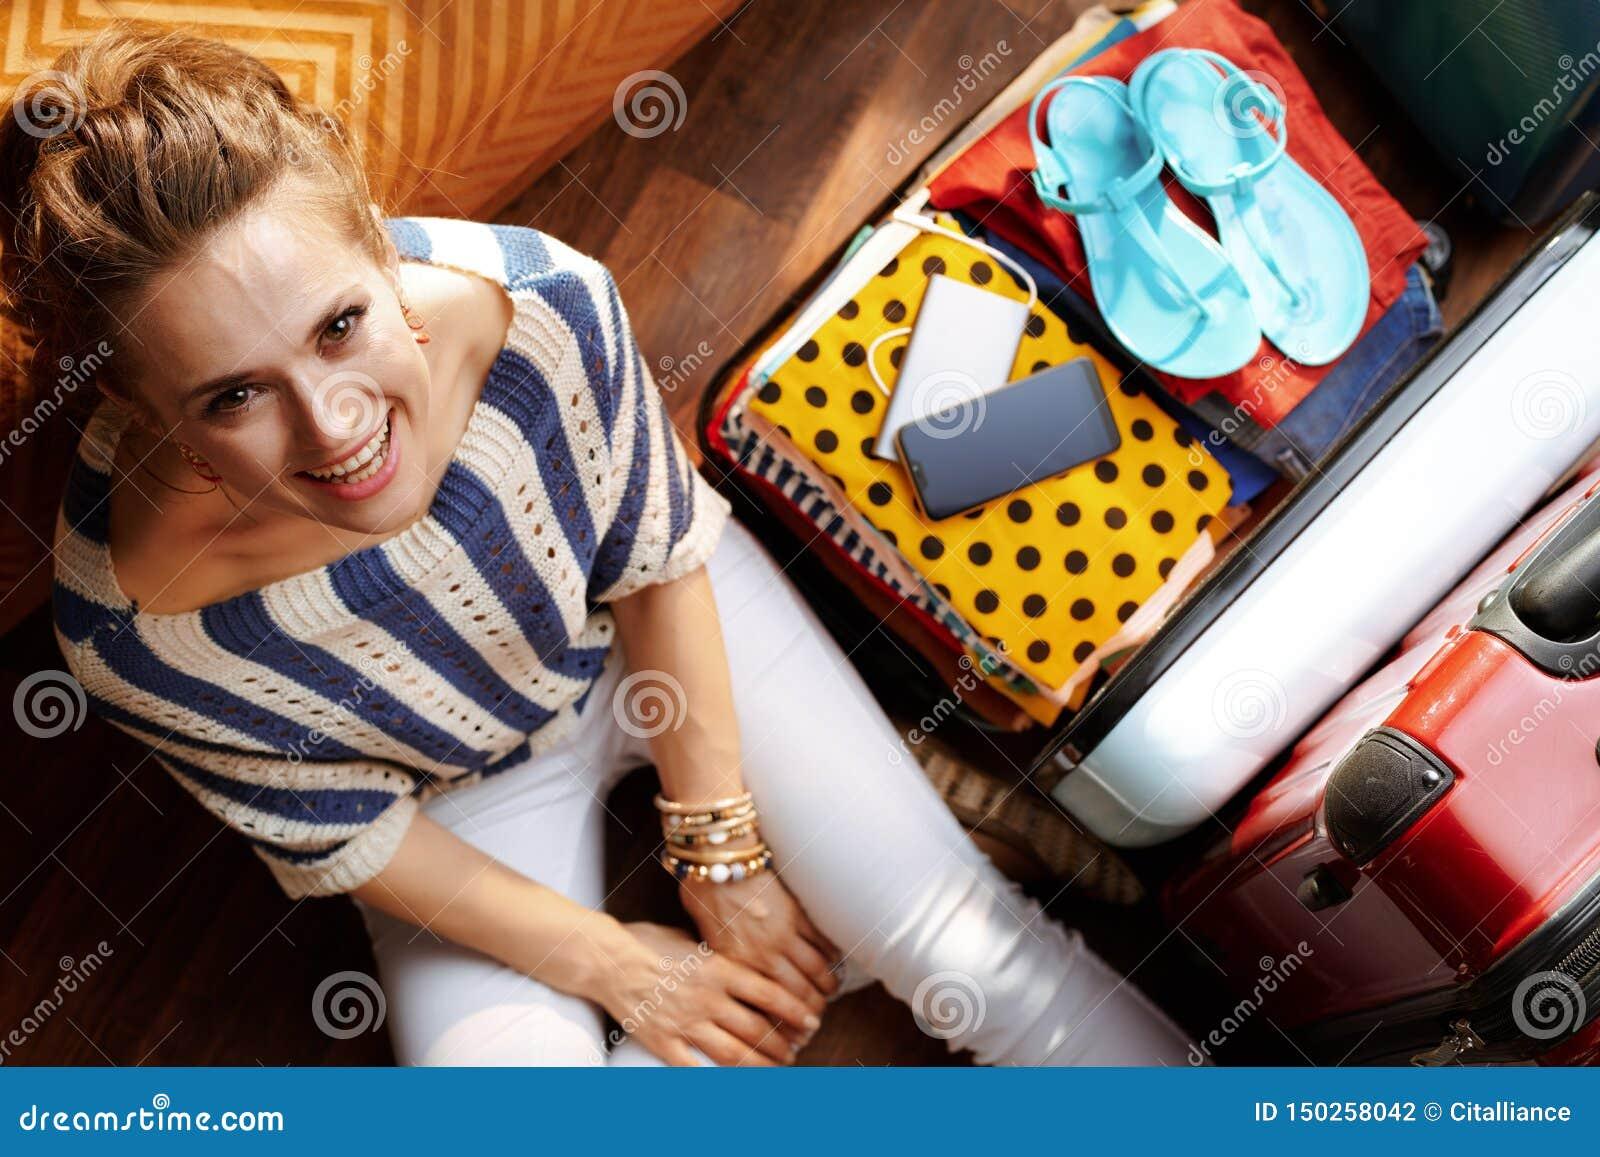 Lächelnde junge Frau im modernen Wohnzimmer am sonnigen Sommertag